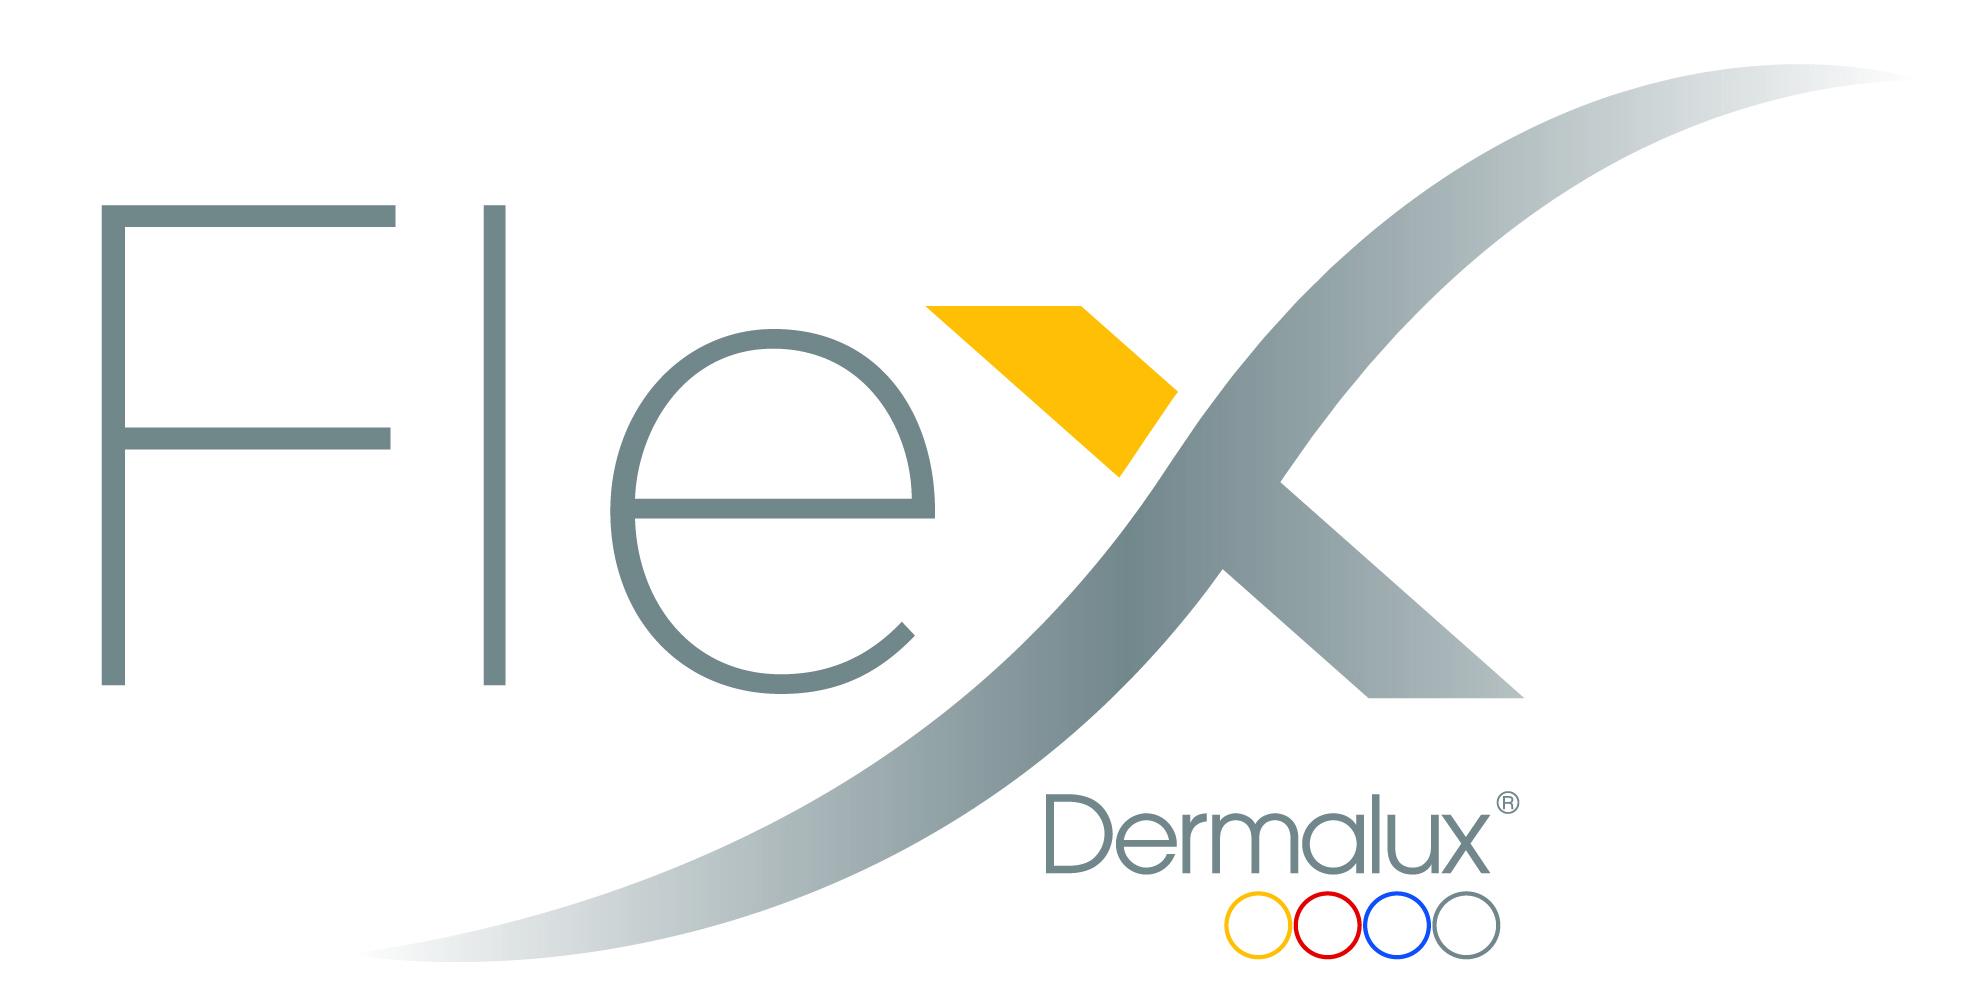 dermalux-flex-logo.jpg